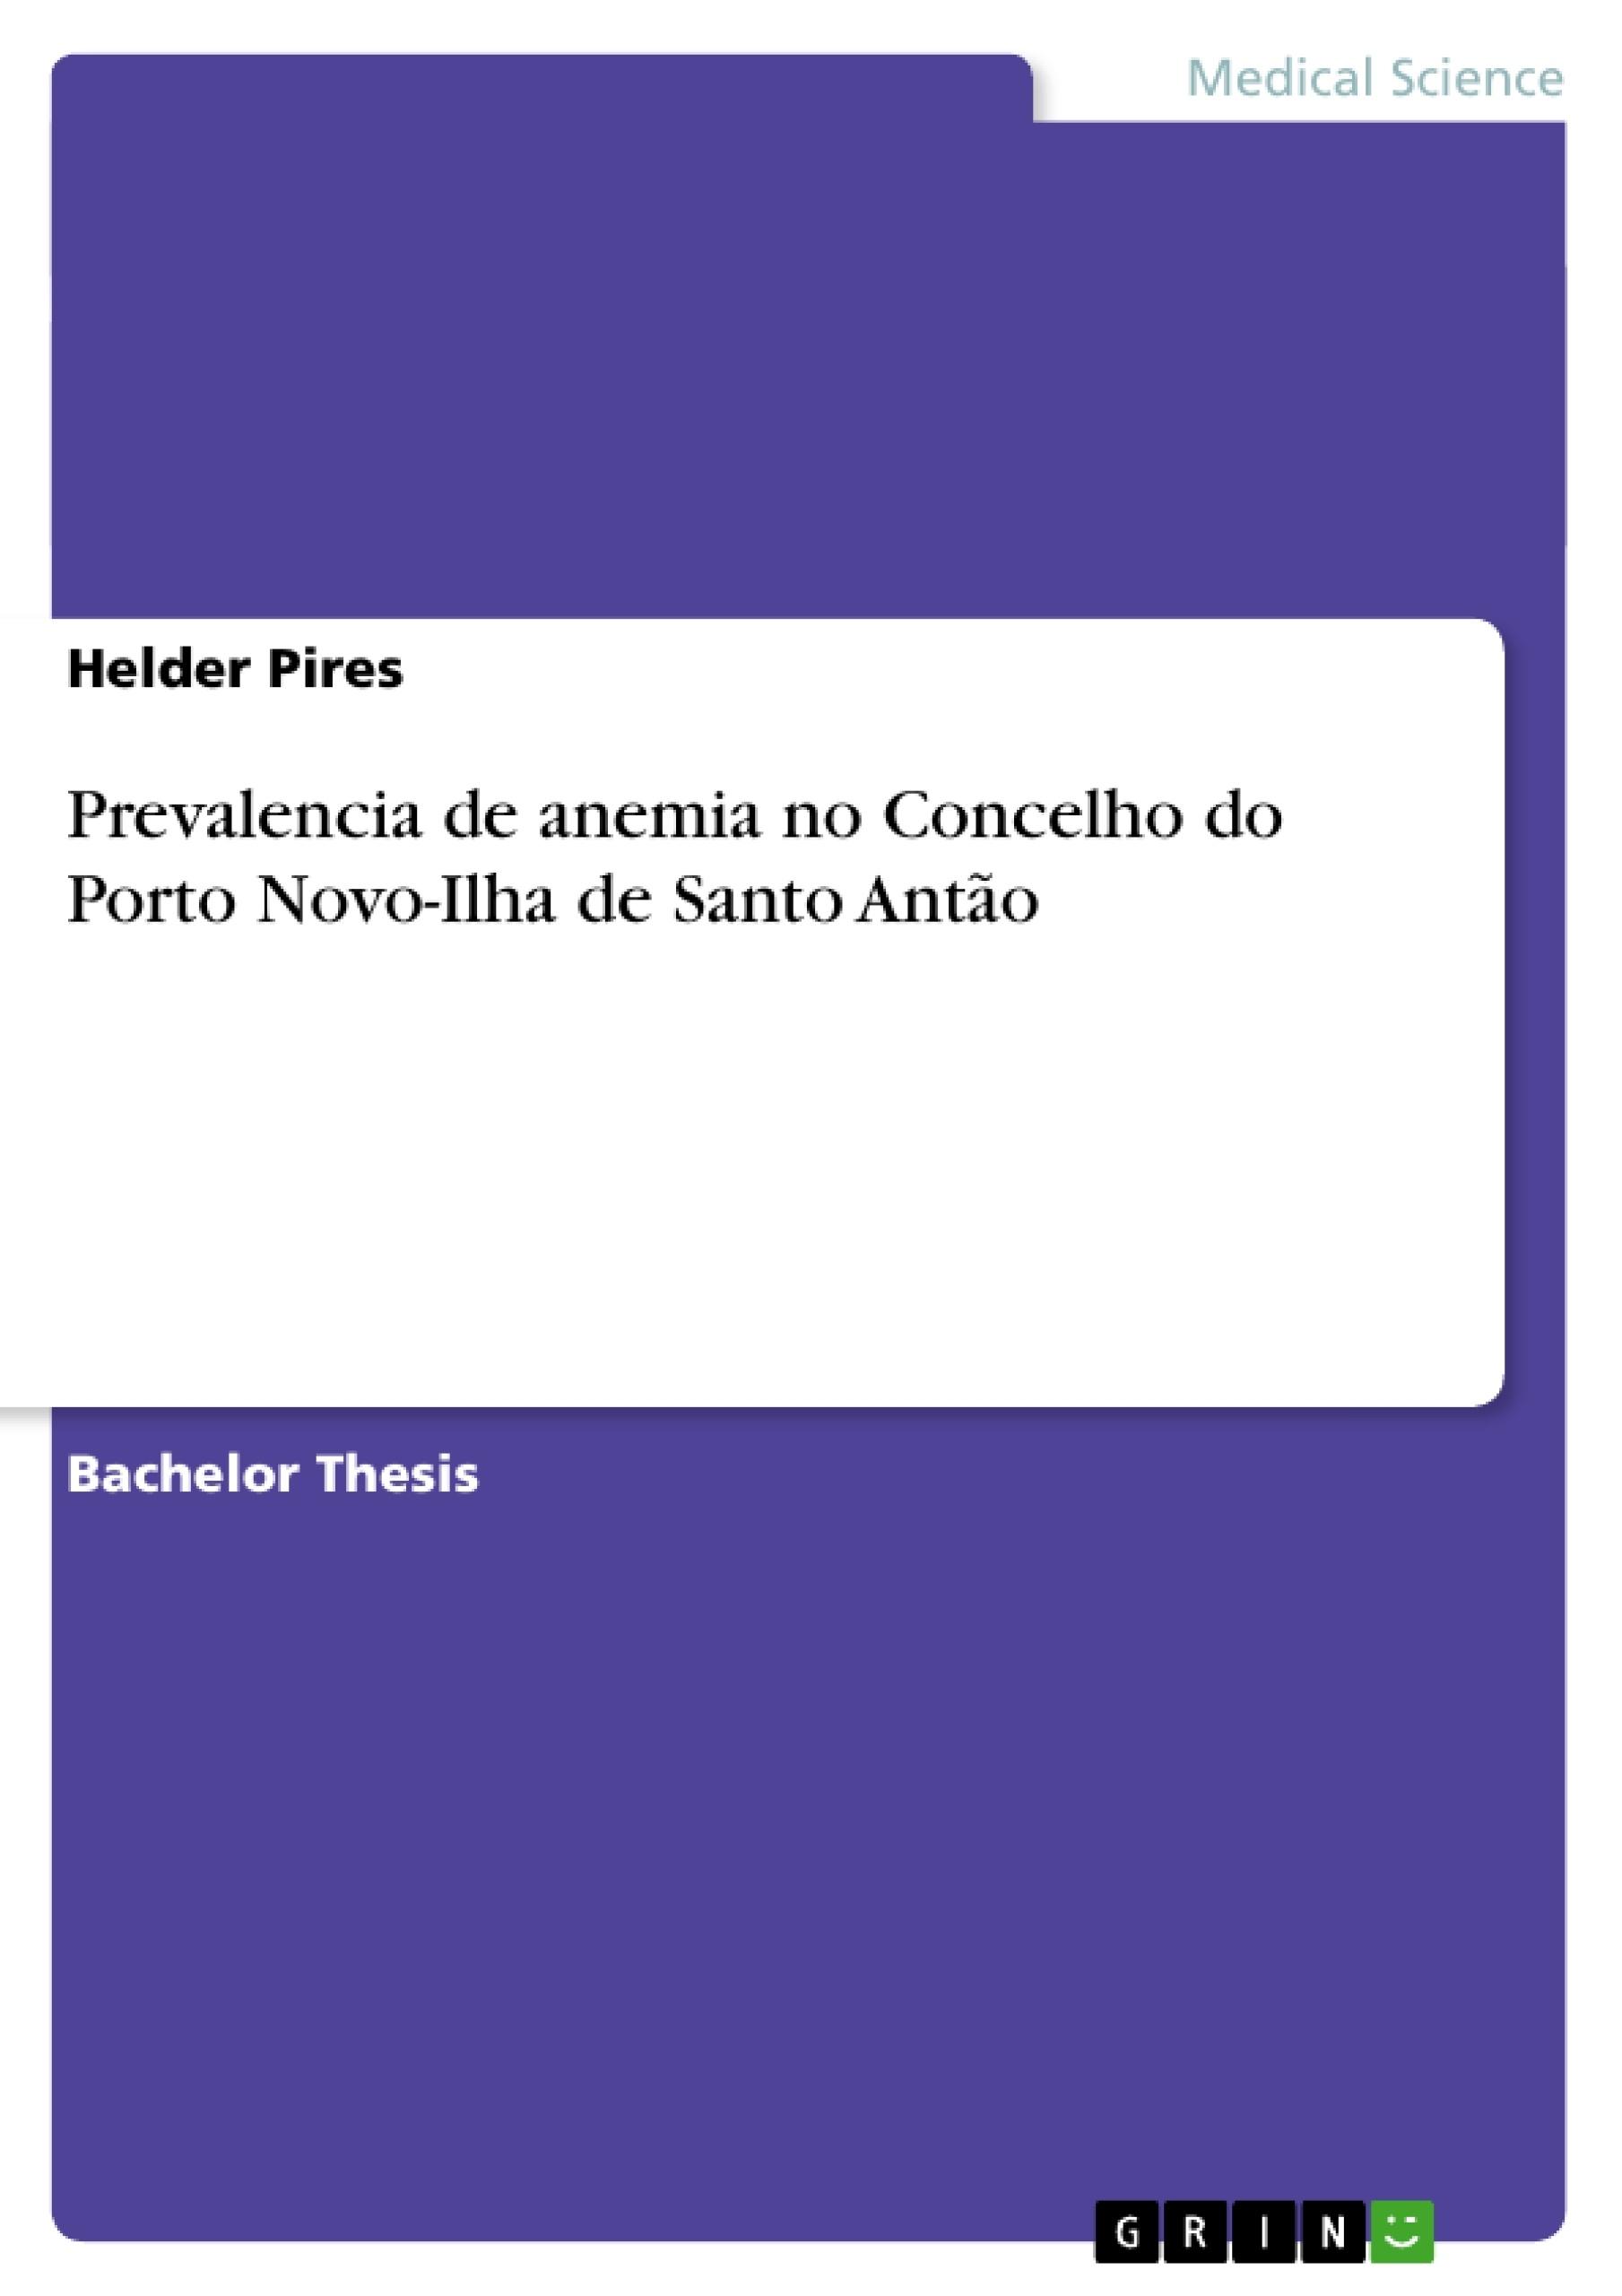 Title: Prevalencia de anemia no Concelho do Porto Novo-Ilha de Santo Antão